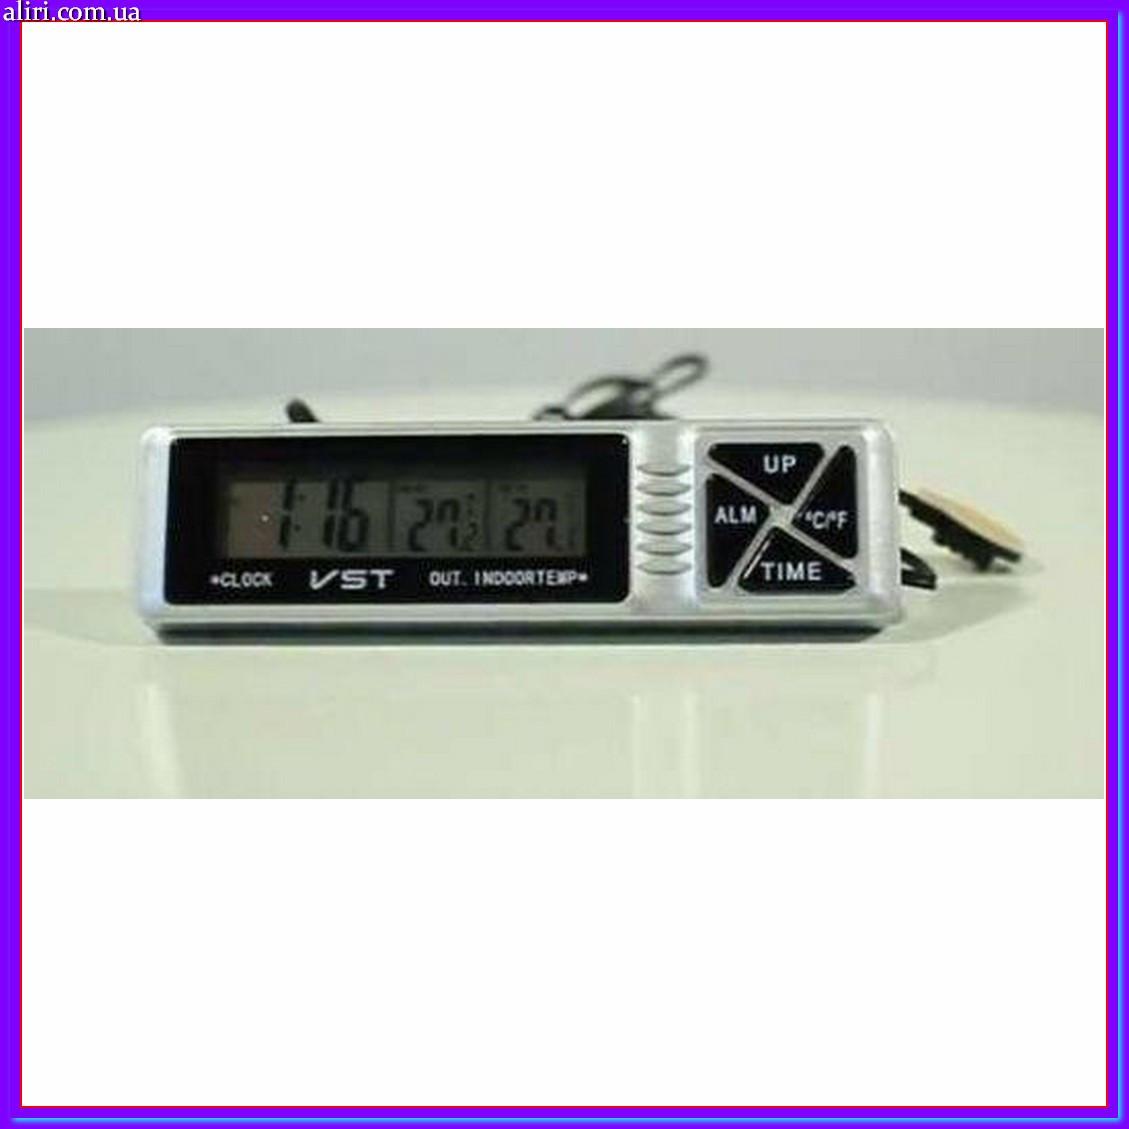 Автомобильные часы с термометром и будильником vst 7066